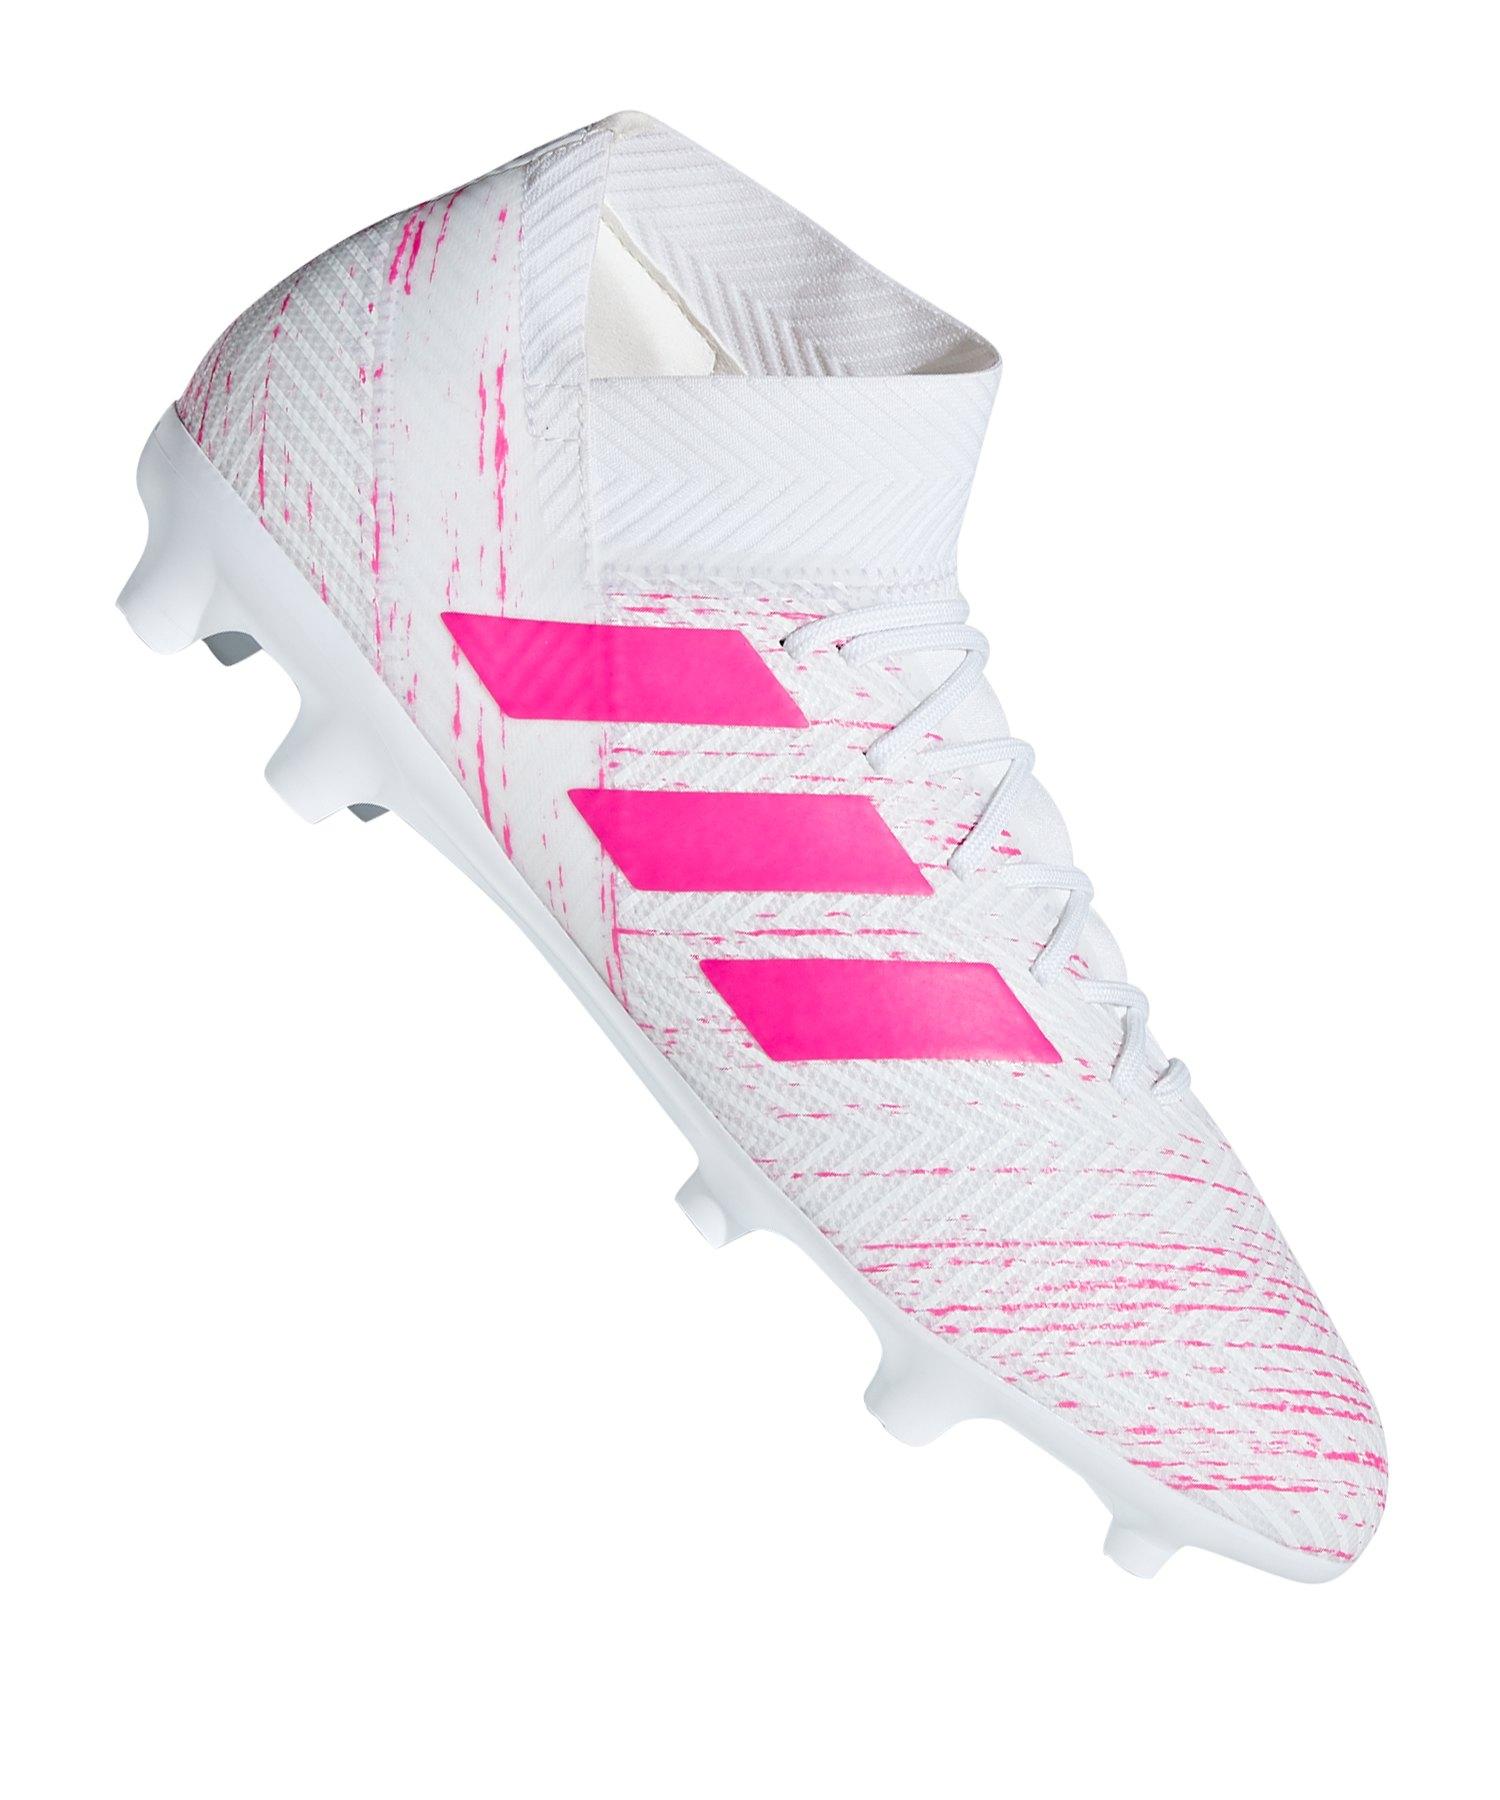 adidas NEMEZIZ 18.3 FG Weiss Pink - weiss